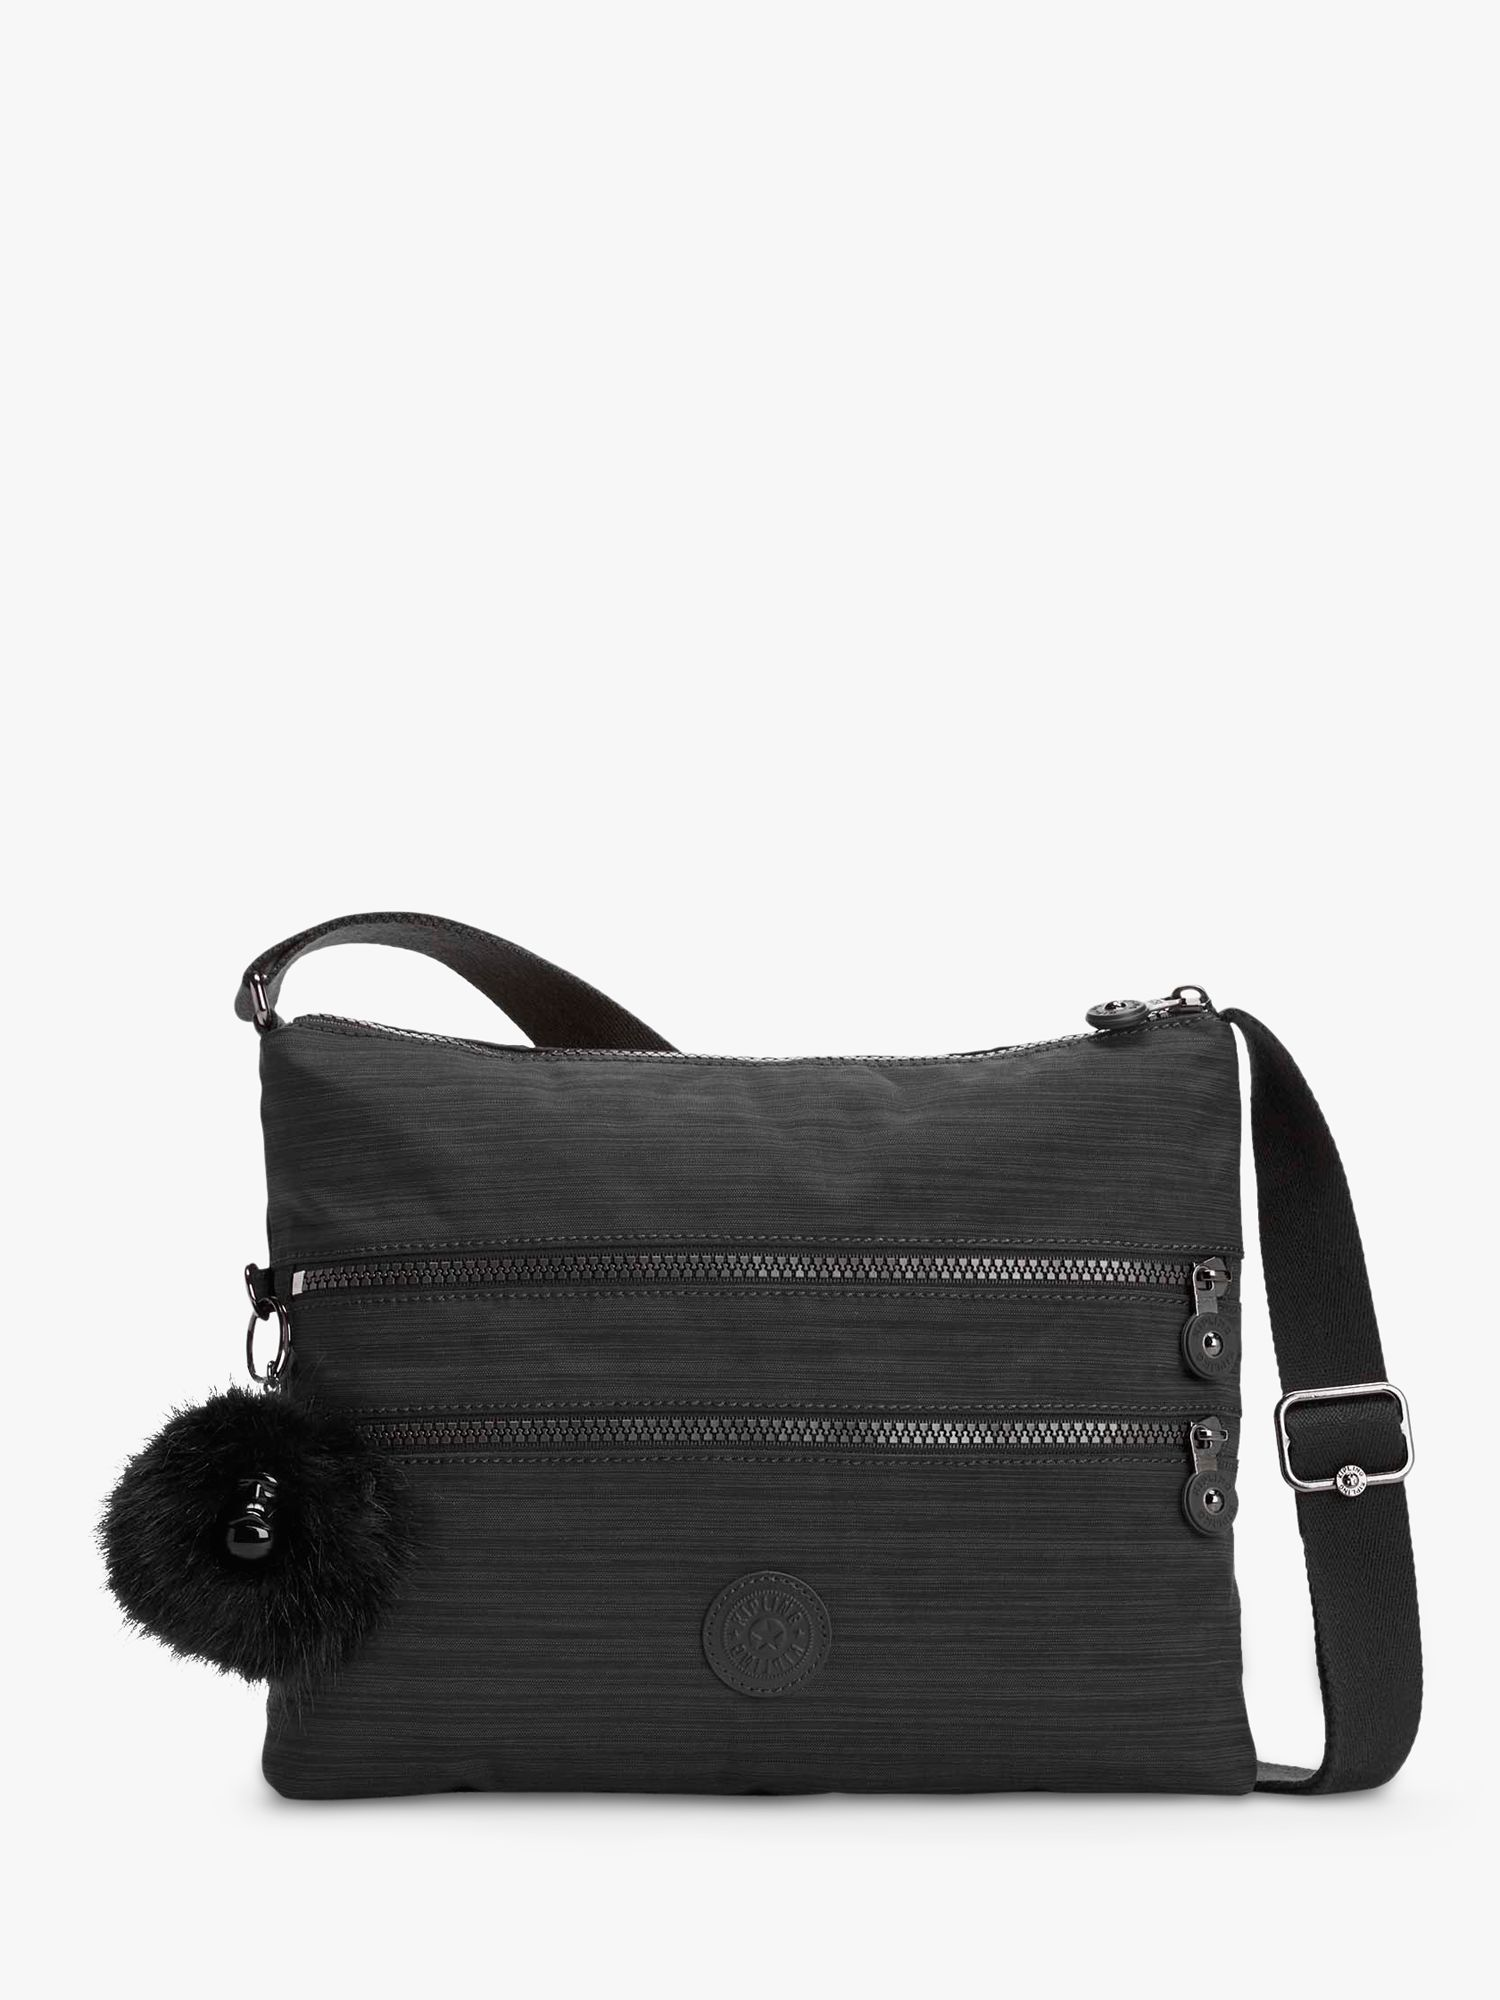 Kipling Kipling Alvar Medium Cross Body Shoulder Bag, True Dazz Black